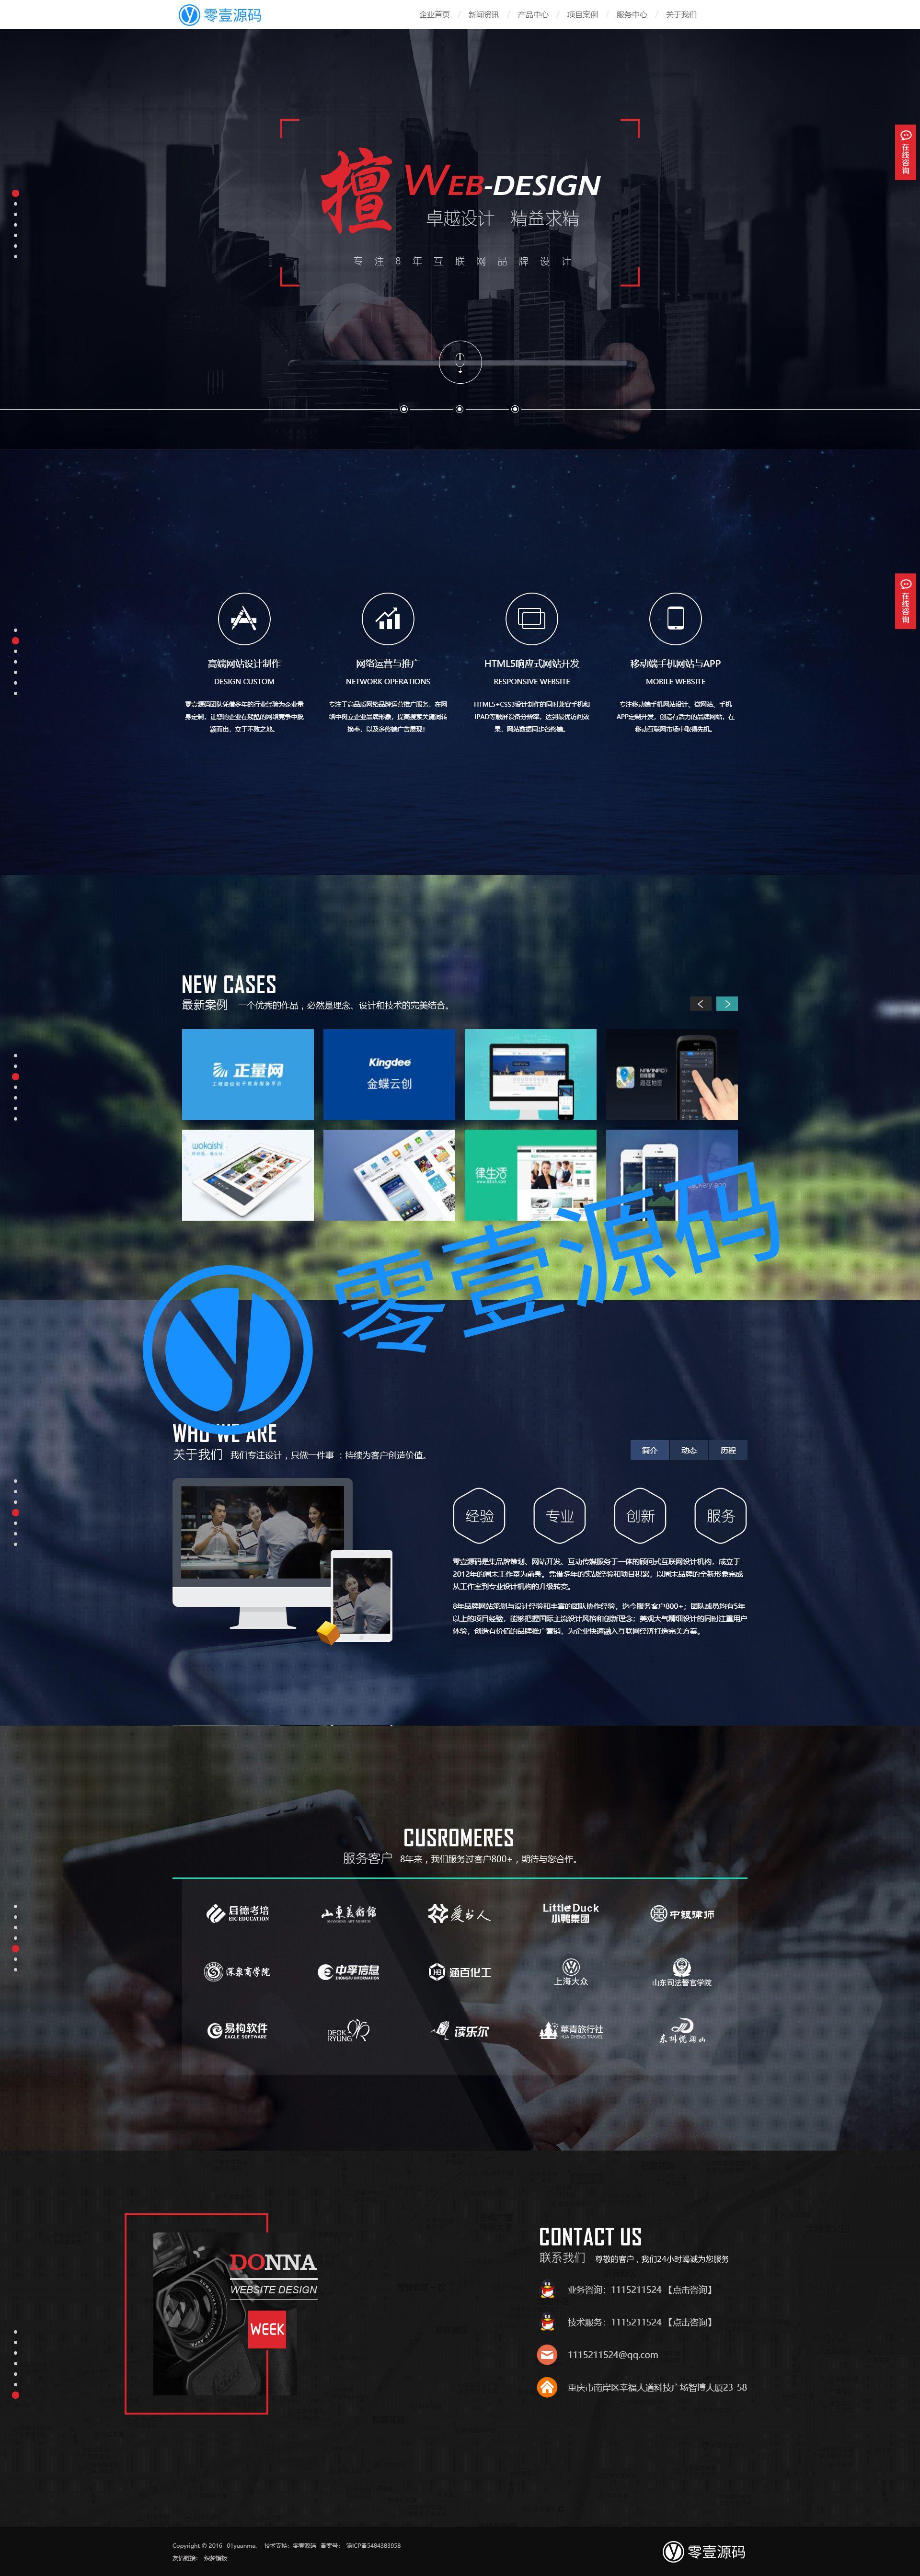 高端炫酷网络公司设计公司科技公司织梦dedecms模板(带手机端)